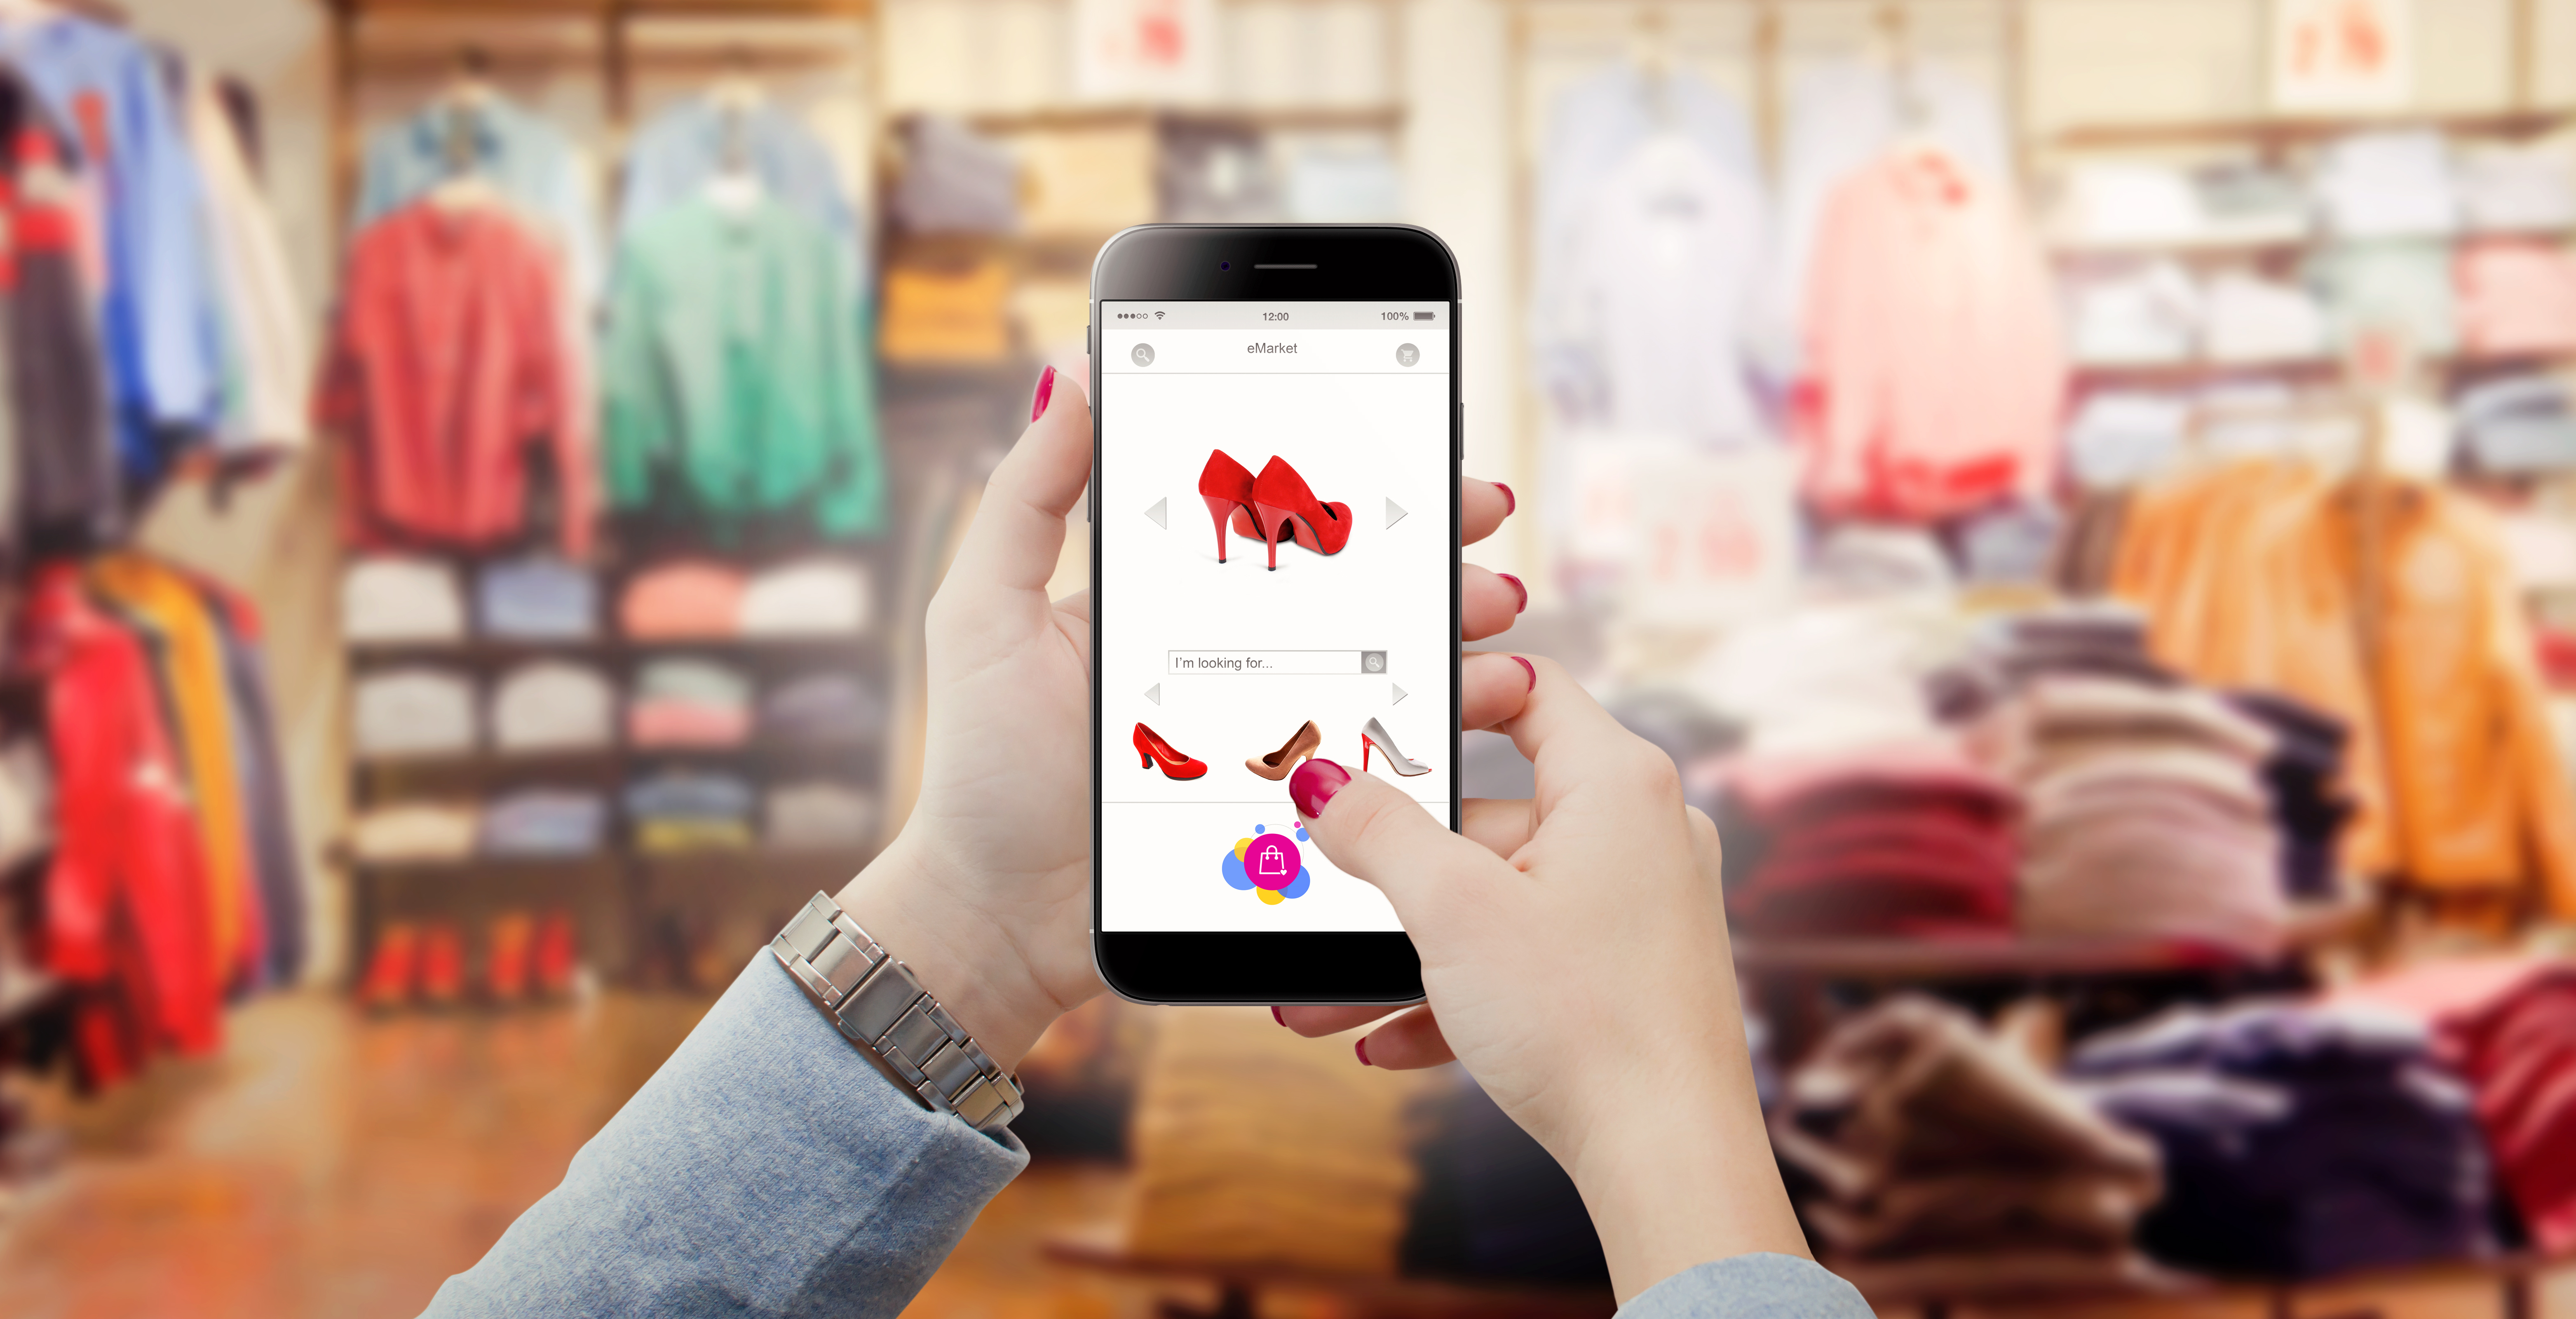 「フリマアプリなどではどれくらいで売れているのか?」のイメージ画像